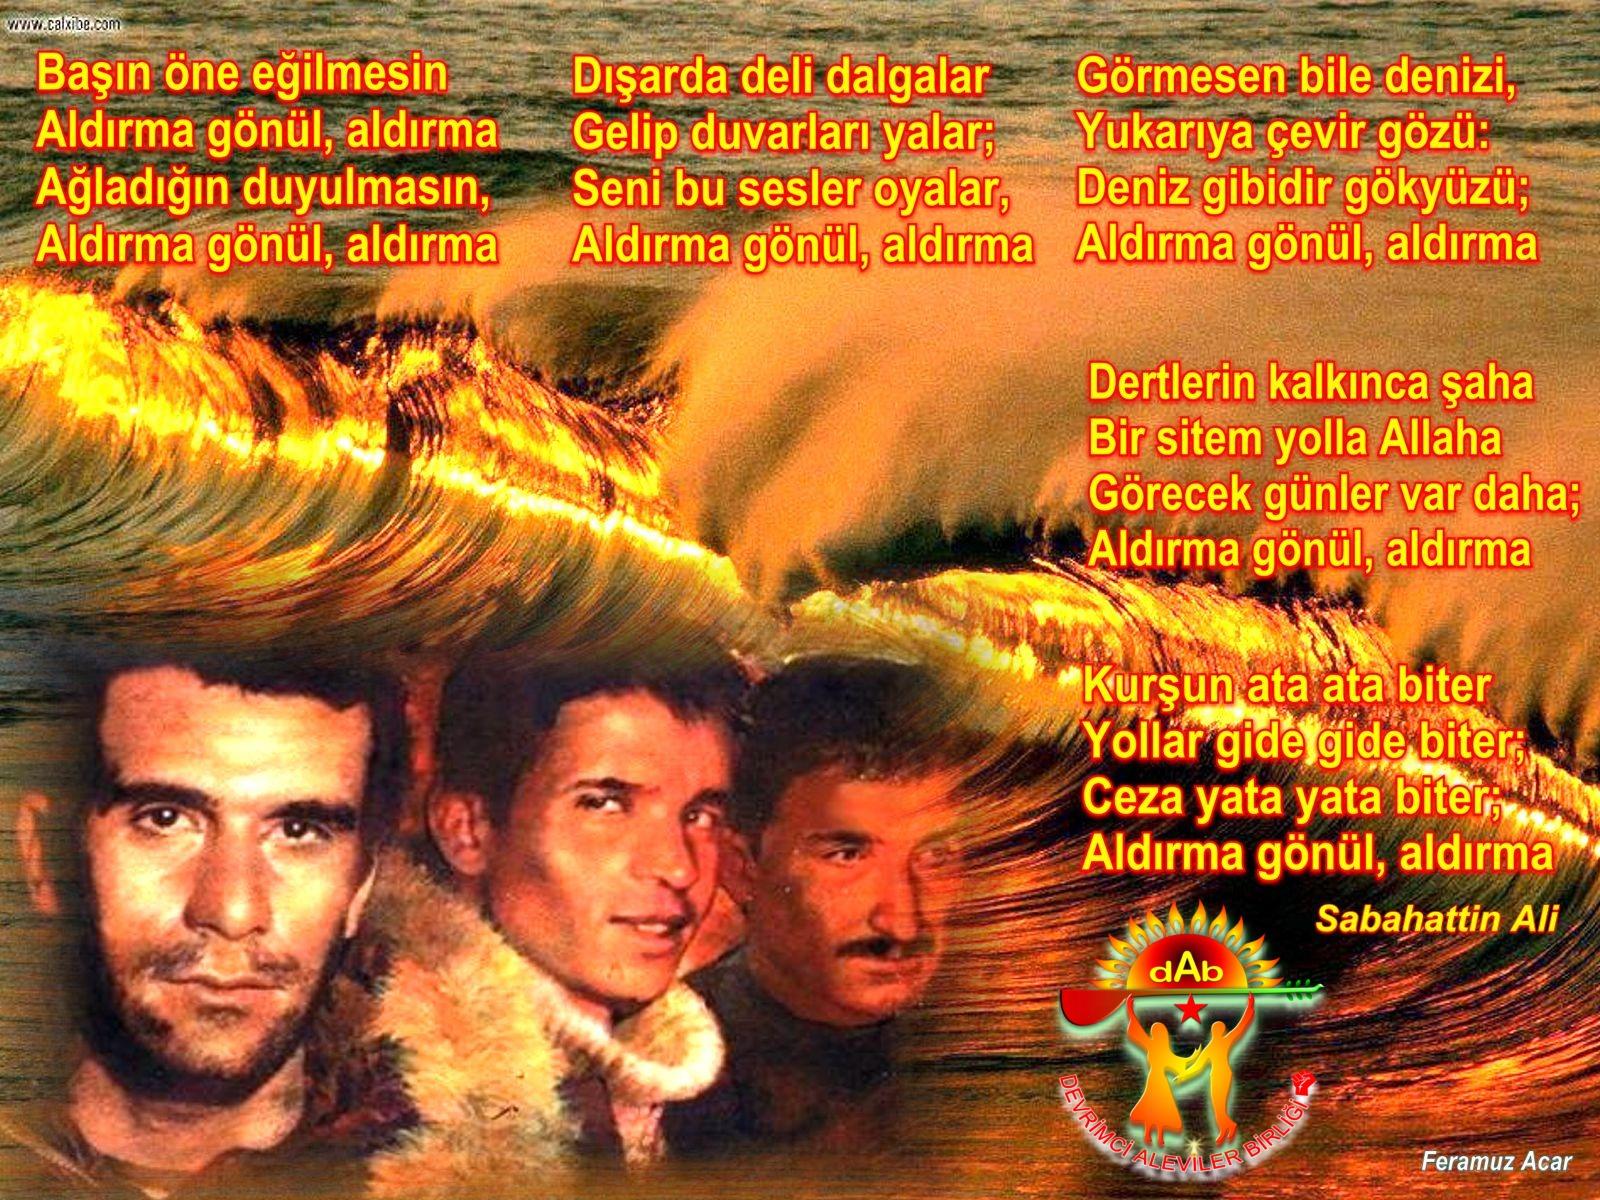 Alevi Bektaşi Kızılbaş Pir Sultan İslam dışı Atatürk faşist ehlibeyt 12 imam Devrimci Aleviler Birliği DAB deniz GEMİZ dalga1